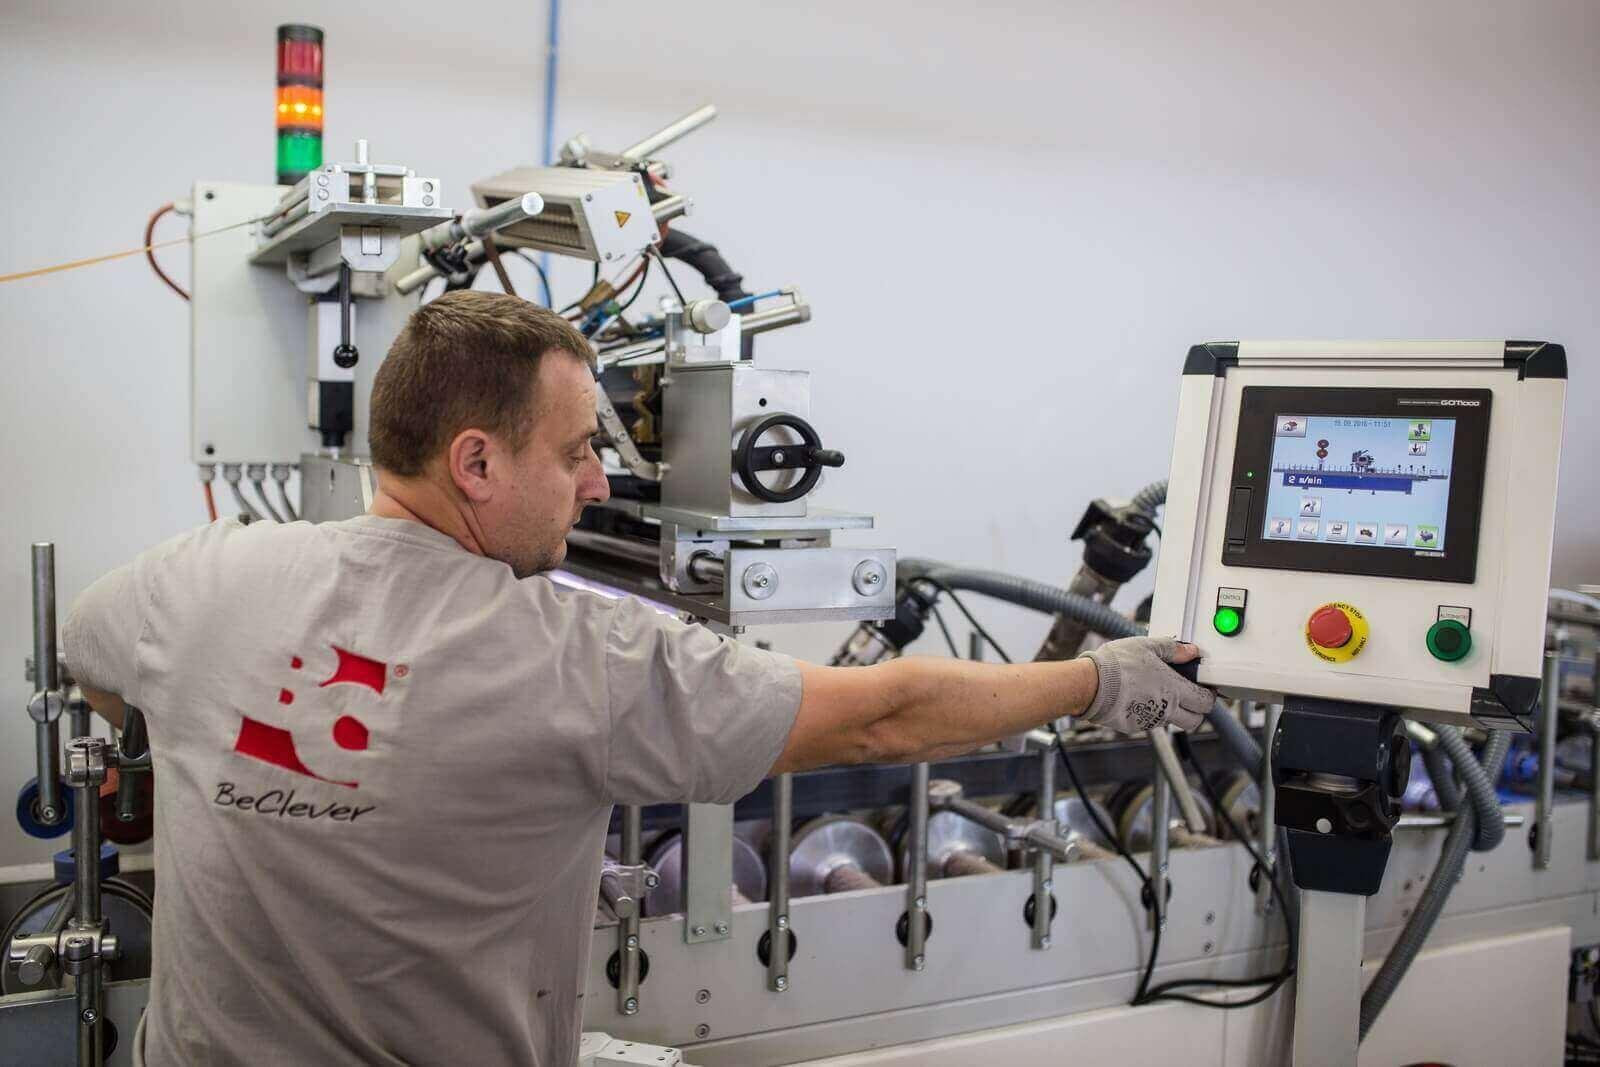 Pracownik obsługujący maszynę do nakładania okleiny